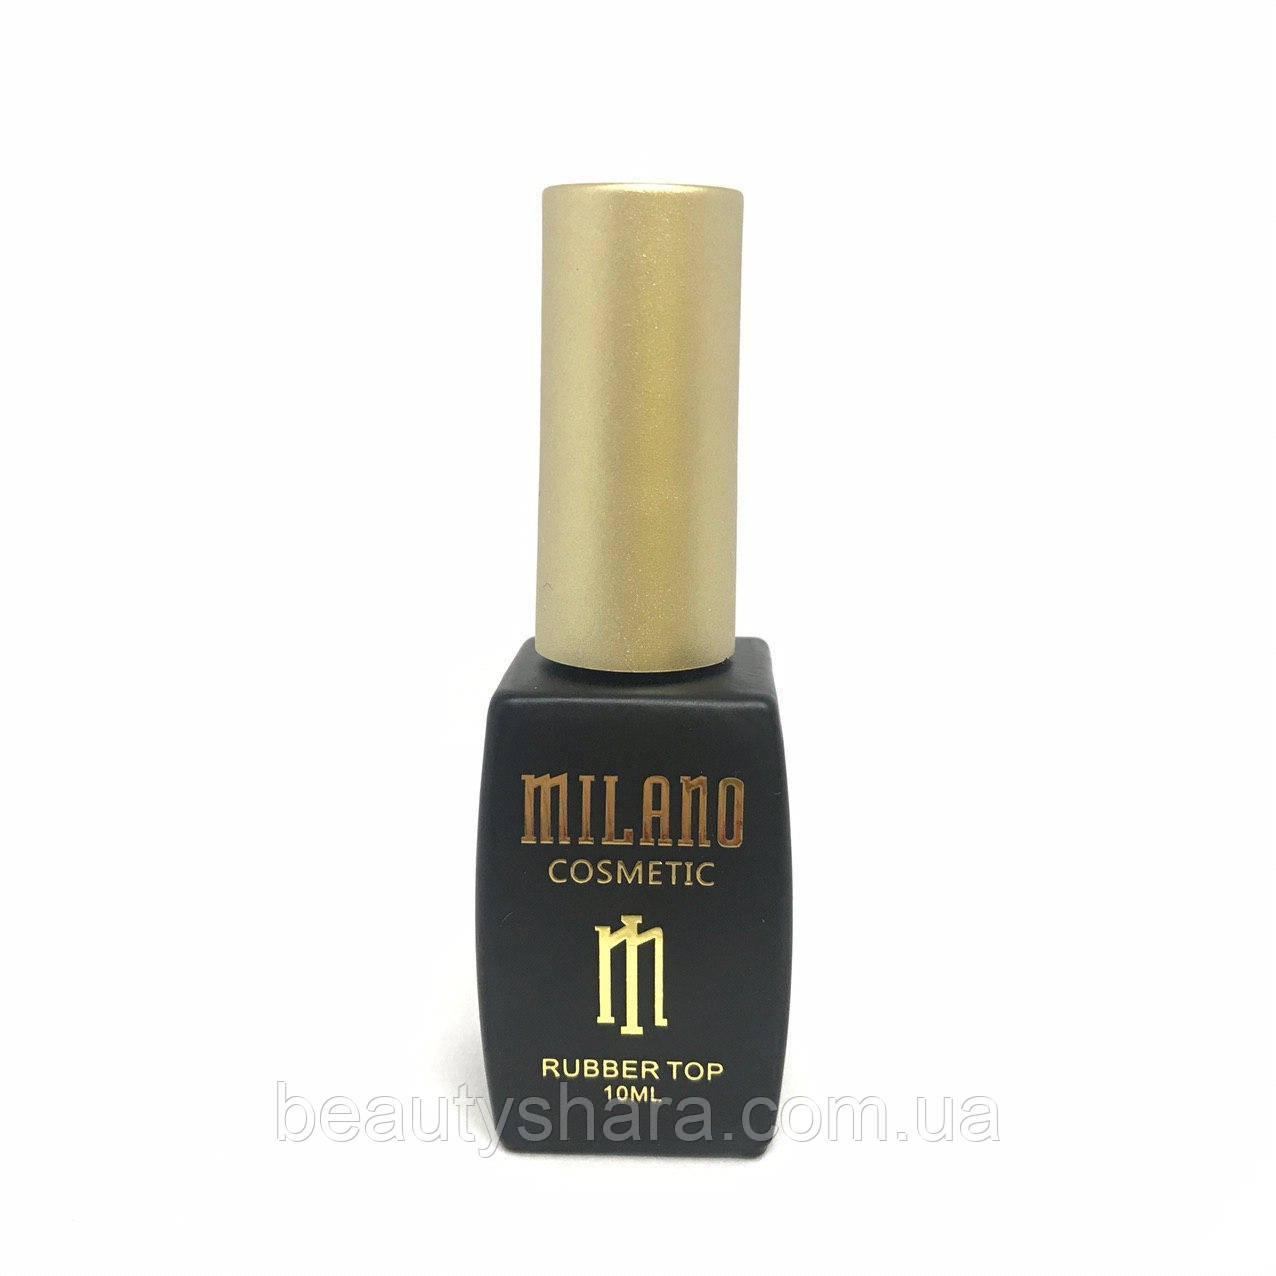 Топ Milano Rubber Top Coat 10 мл - верхнее покрытие для гель-лака